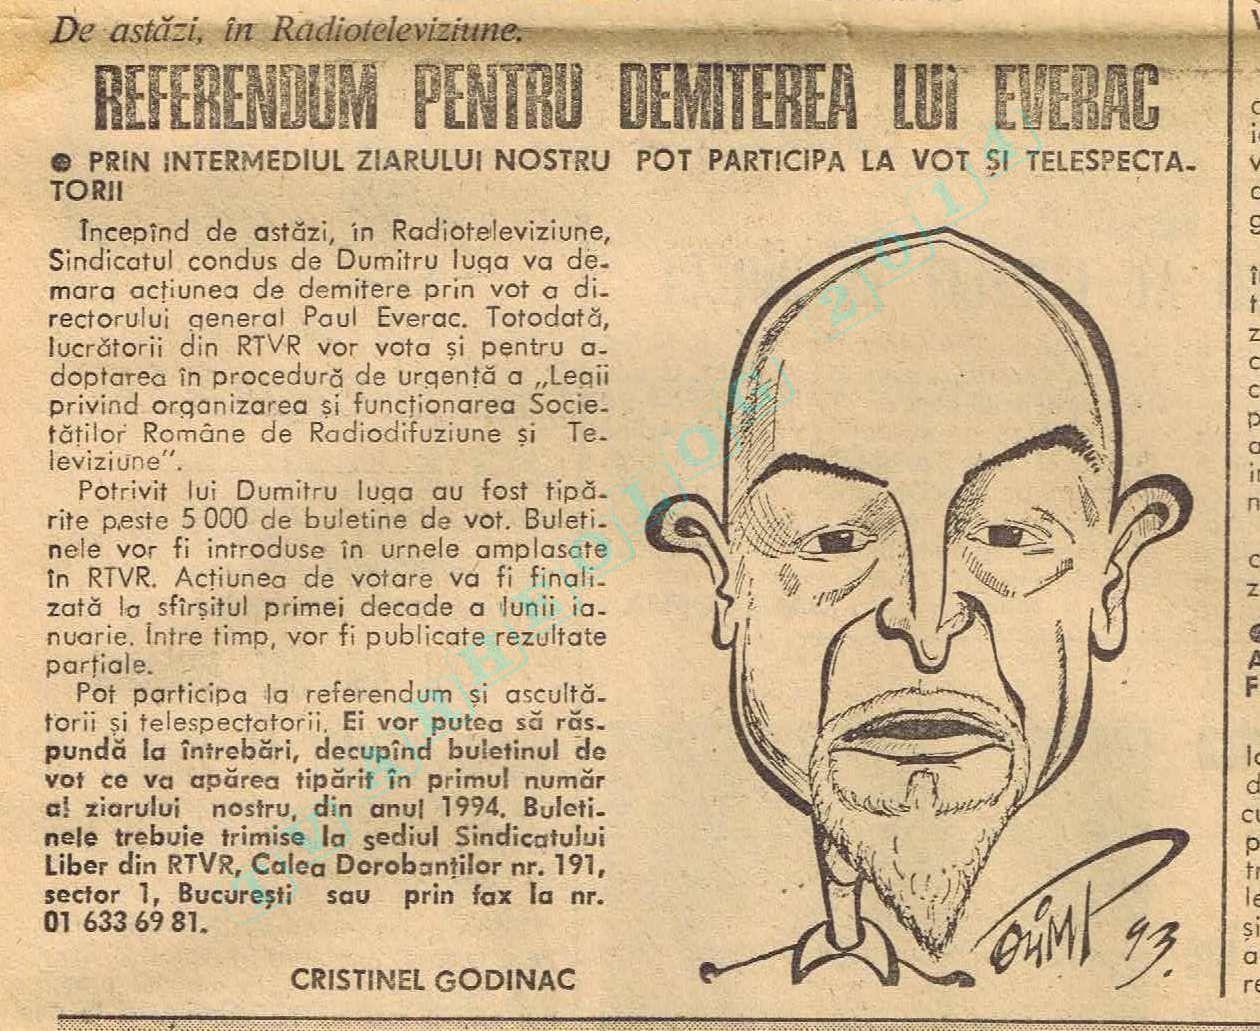 EZ 28 01 Referendum Everac